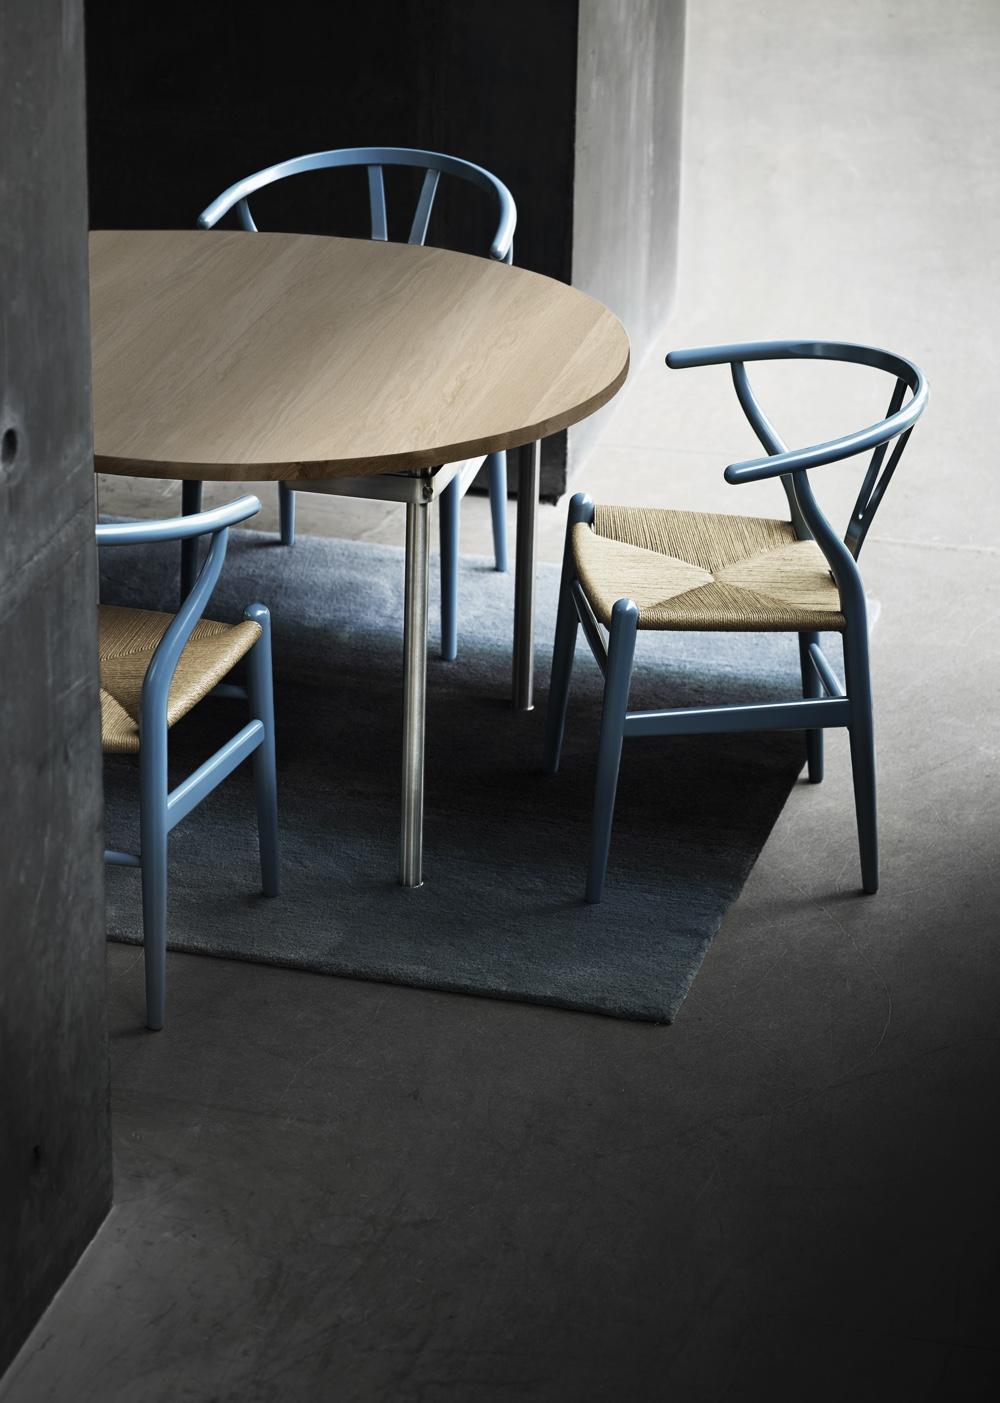 Дизайнерский стул в интерьере, а также стол